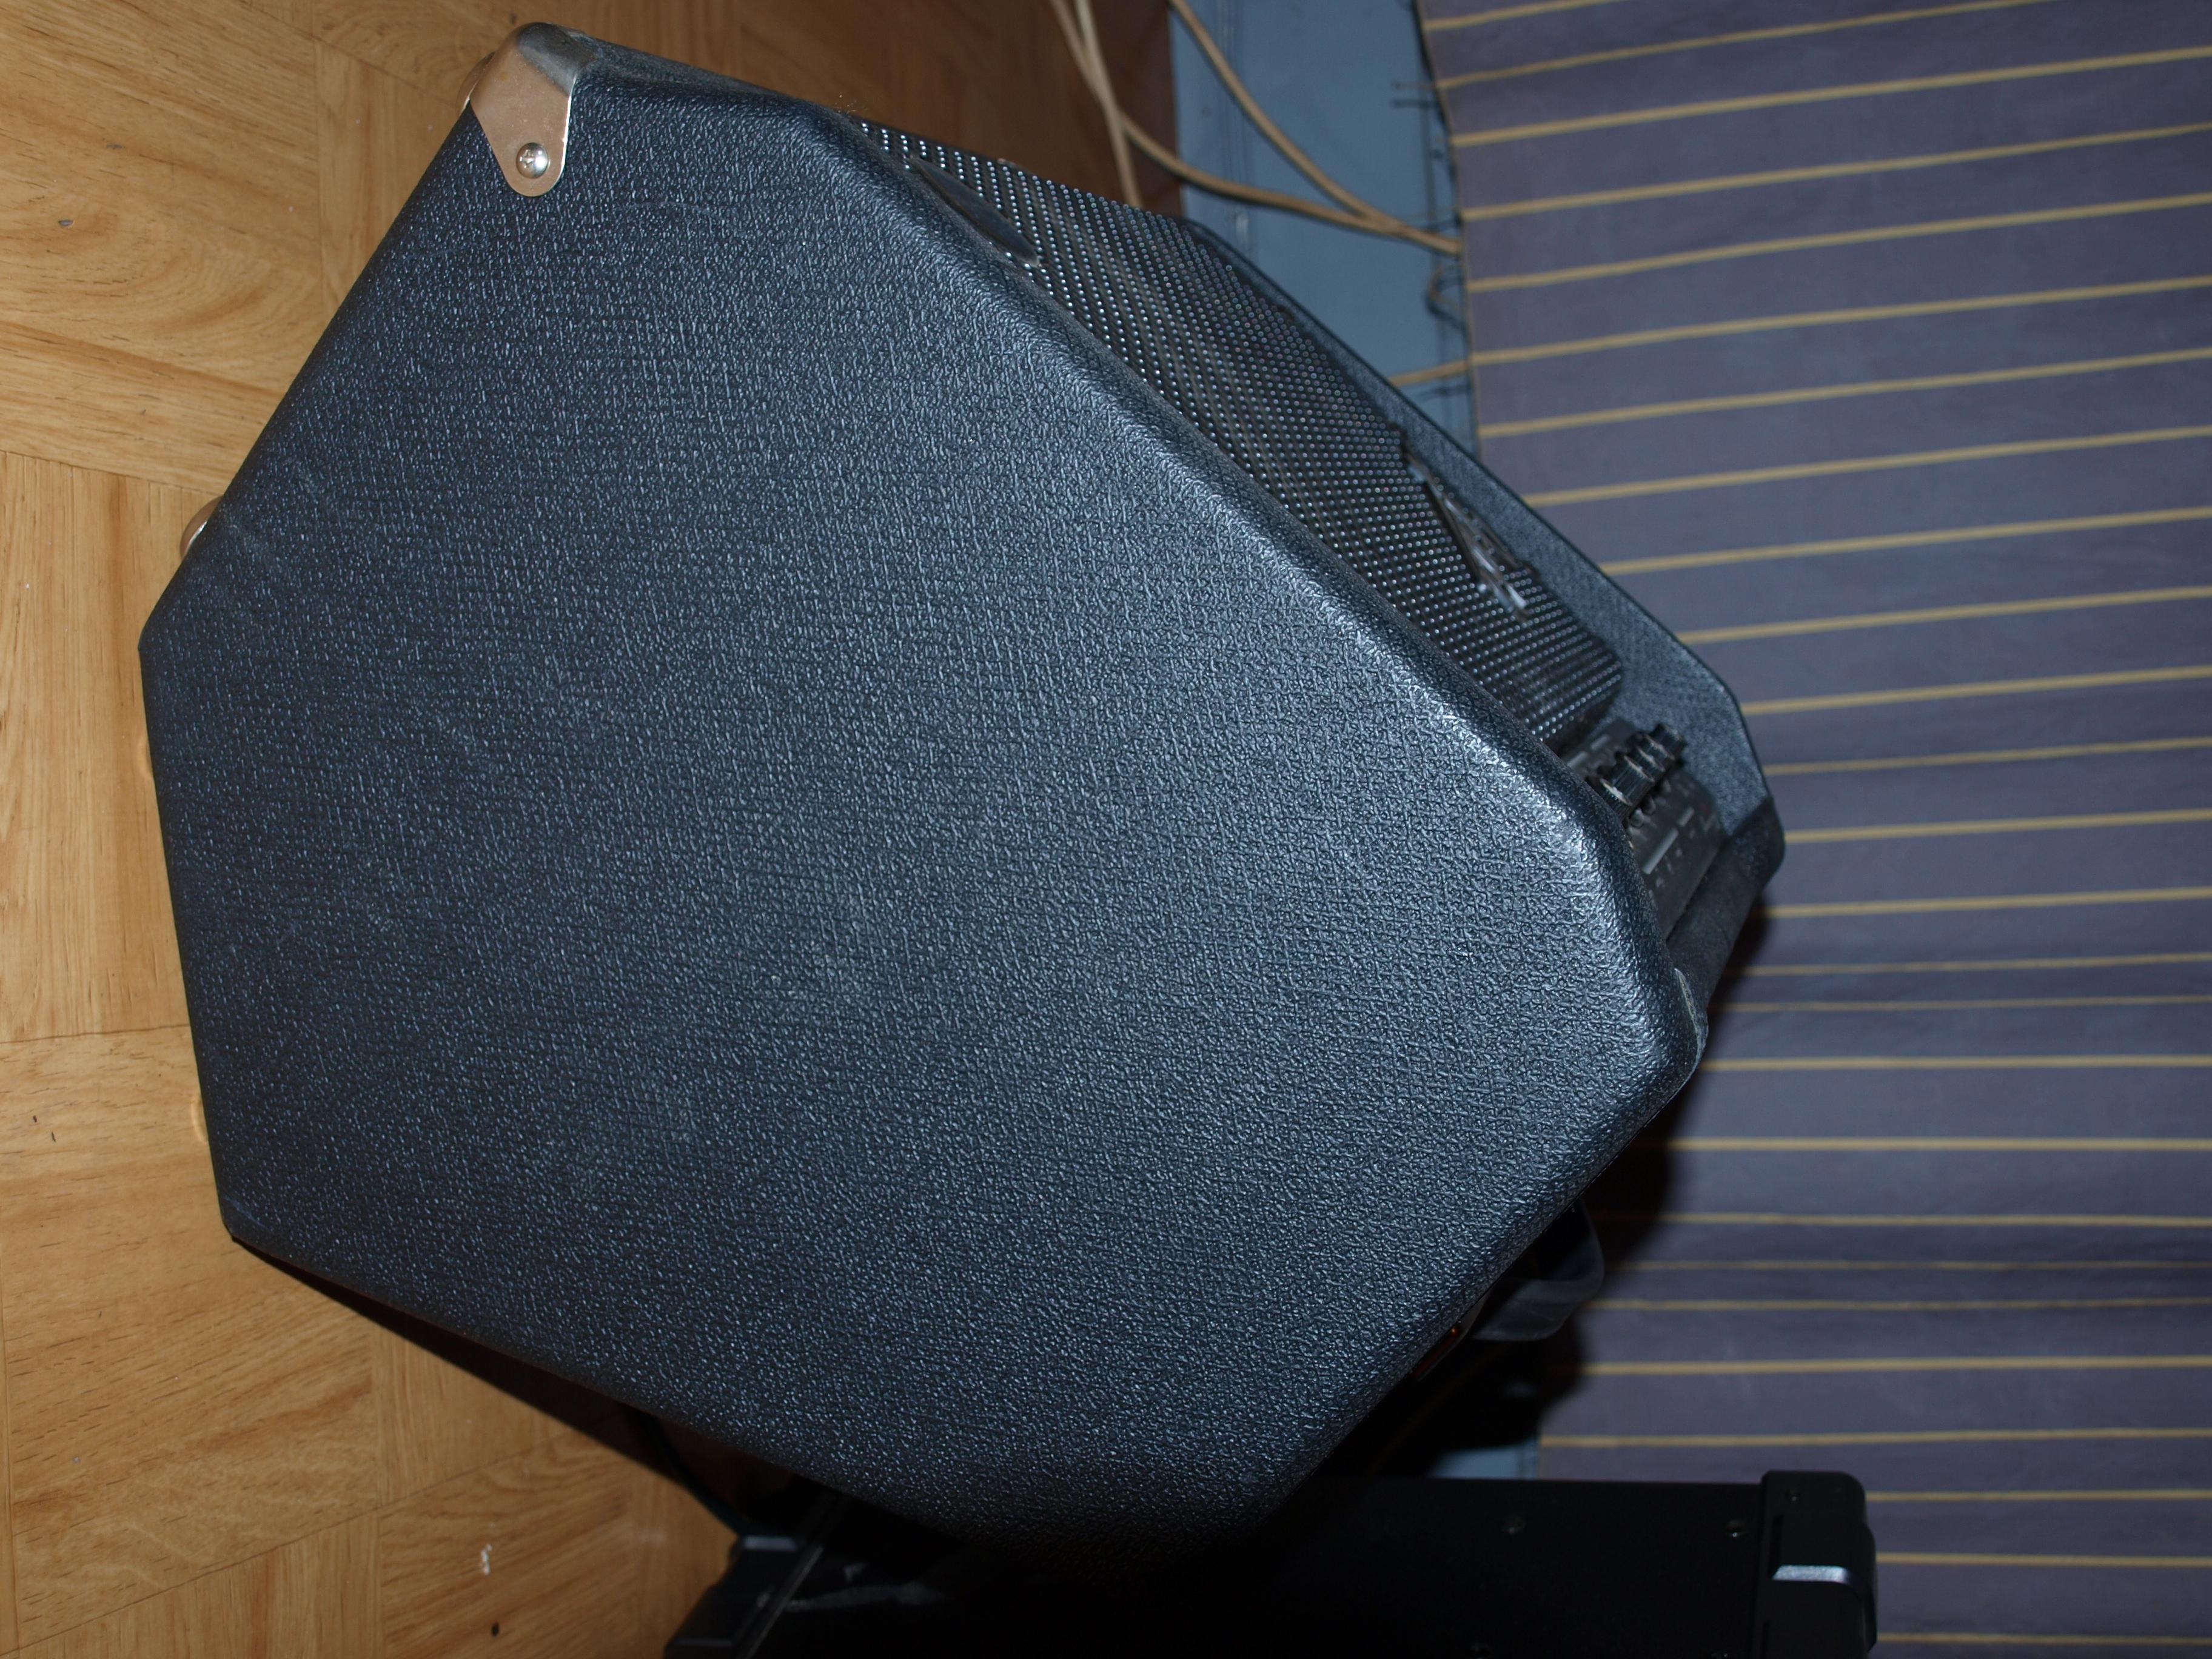 fender bassman 25 image 328204 audiofanzine. Black Bedroom Furniture Sets. Home Design Ideas